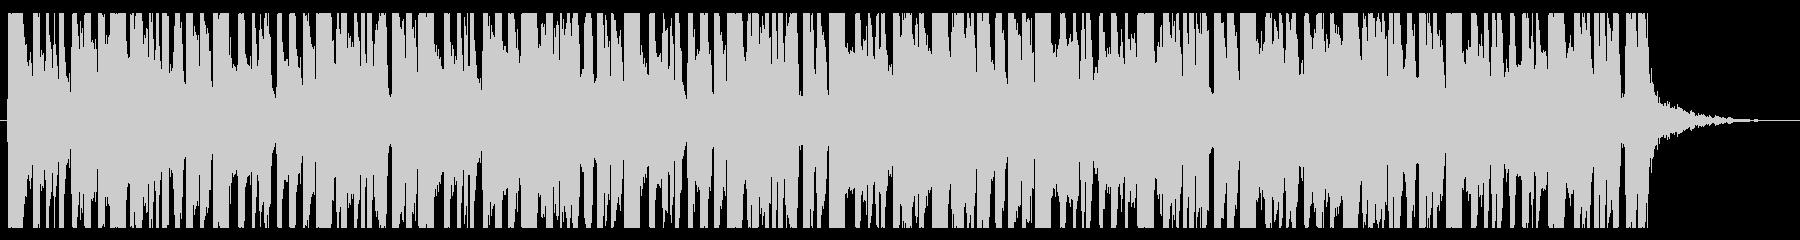 シンプル/ディスコ_No400_5の未再生の波形